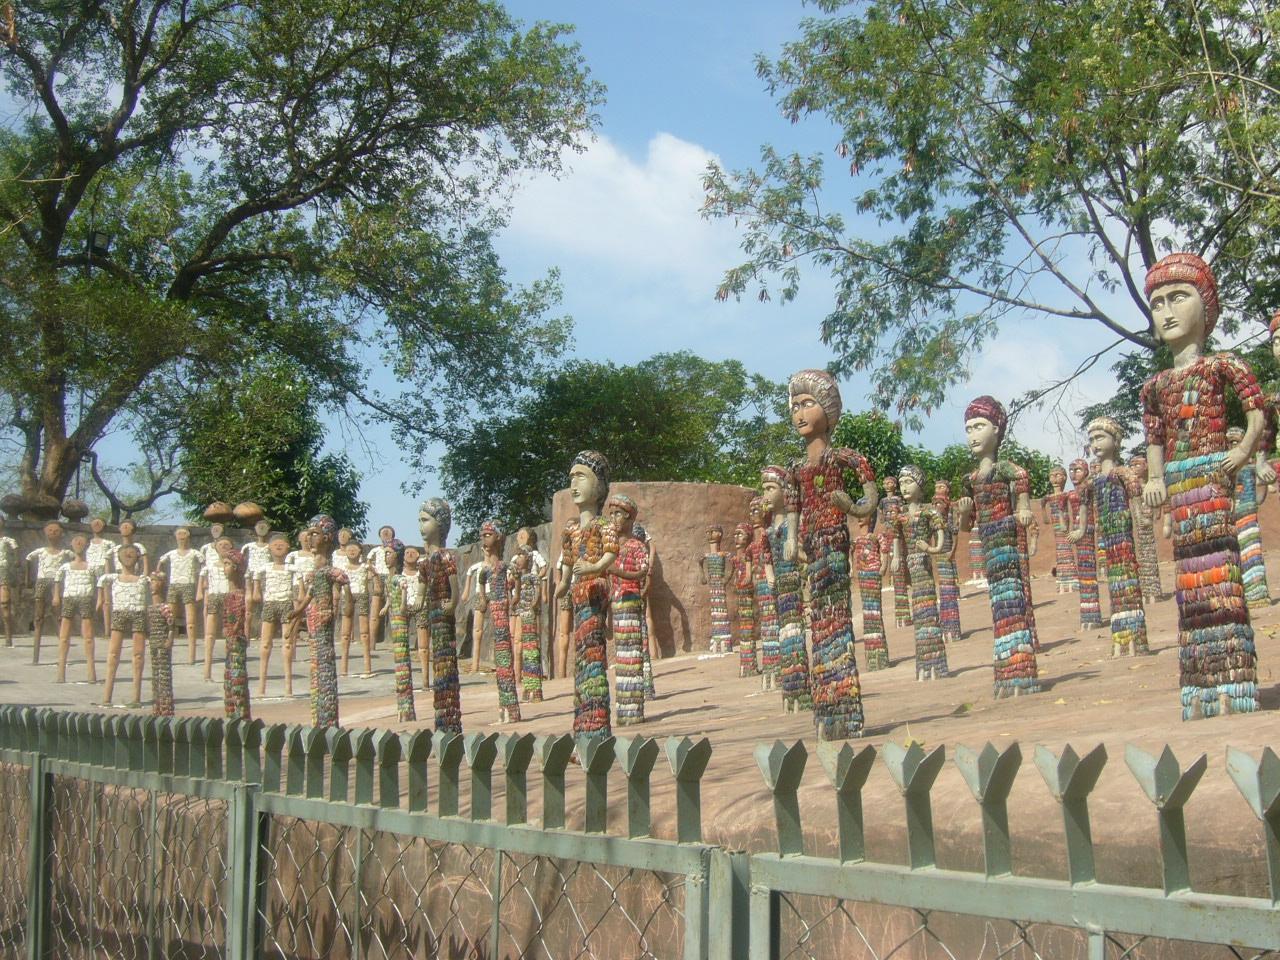 Chandigarh's Rock Garden